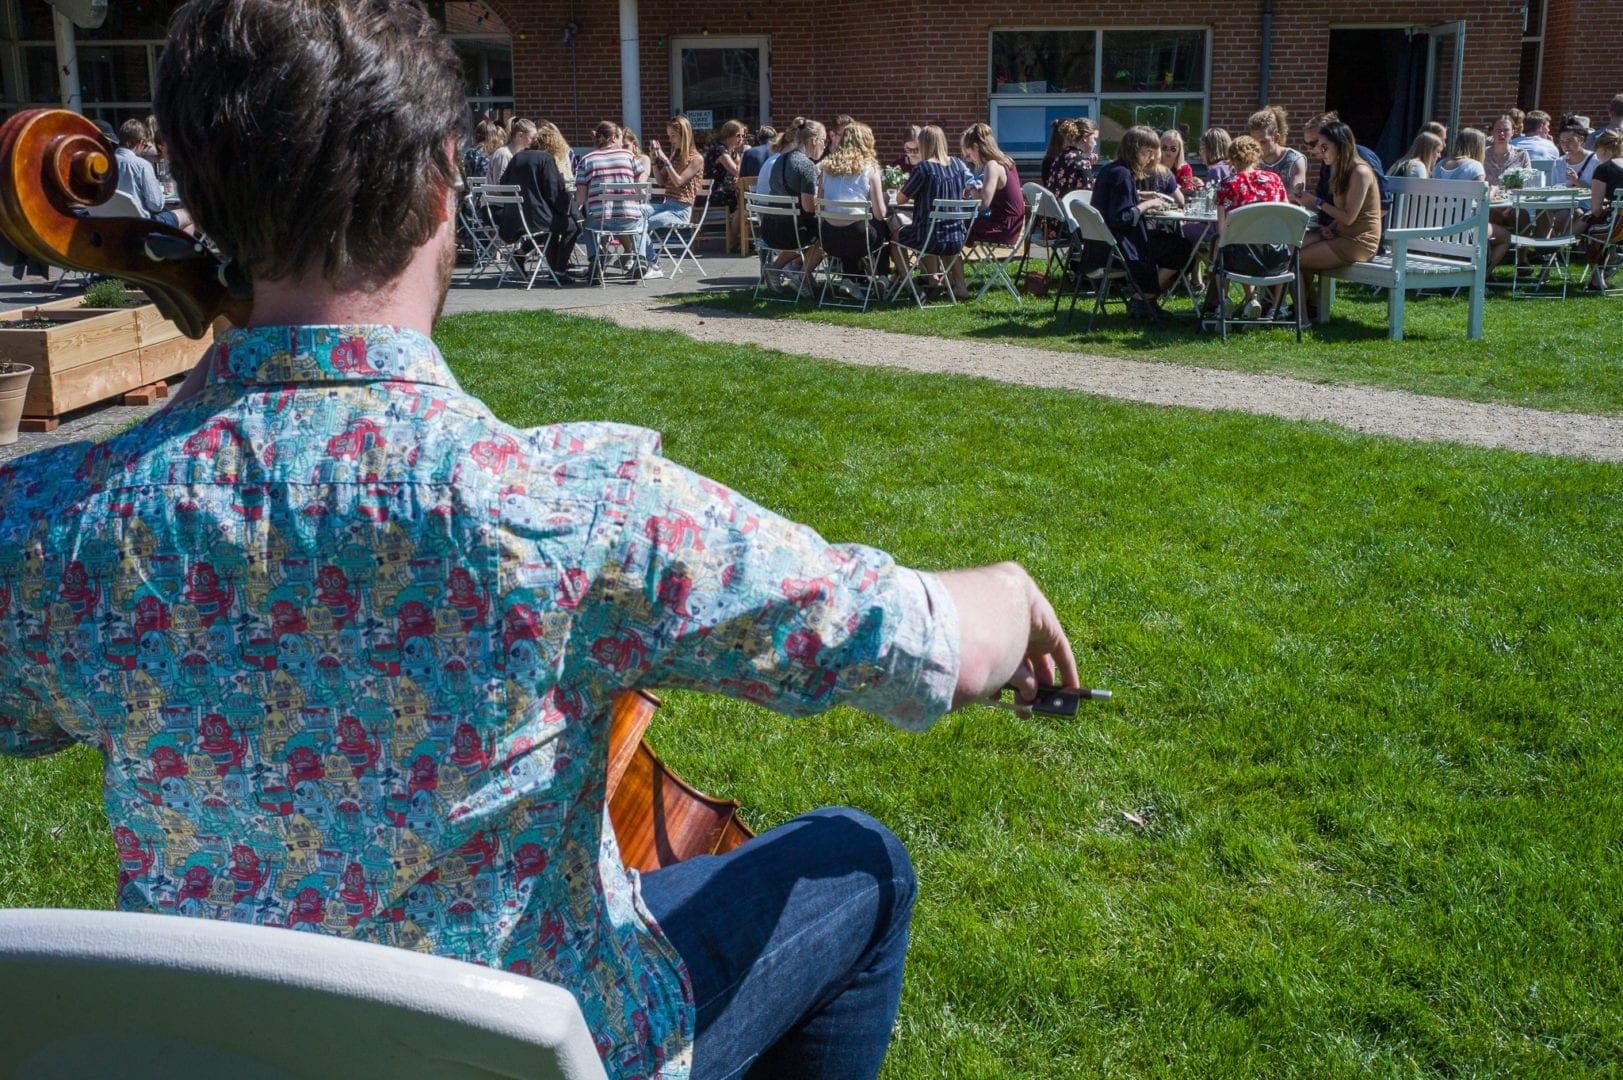 På Grundtvigs Højskole skal du ikke passe ind i nogen linjer, men kan frit sammensætte dit skema. Her billede fra Festival med musik i Parken.